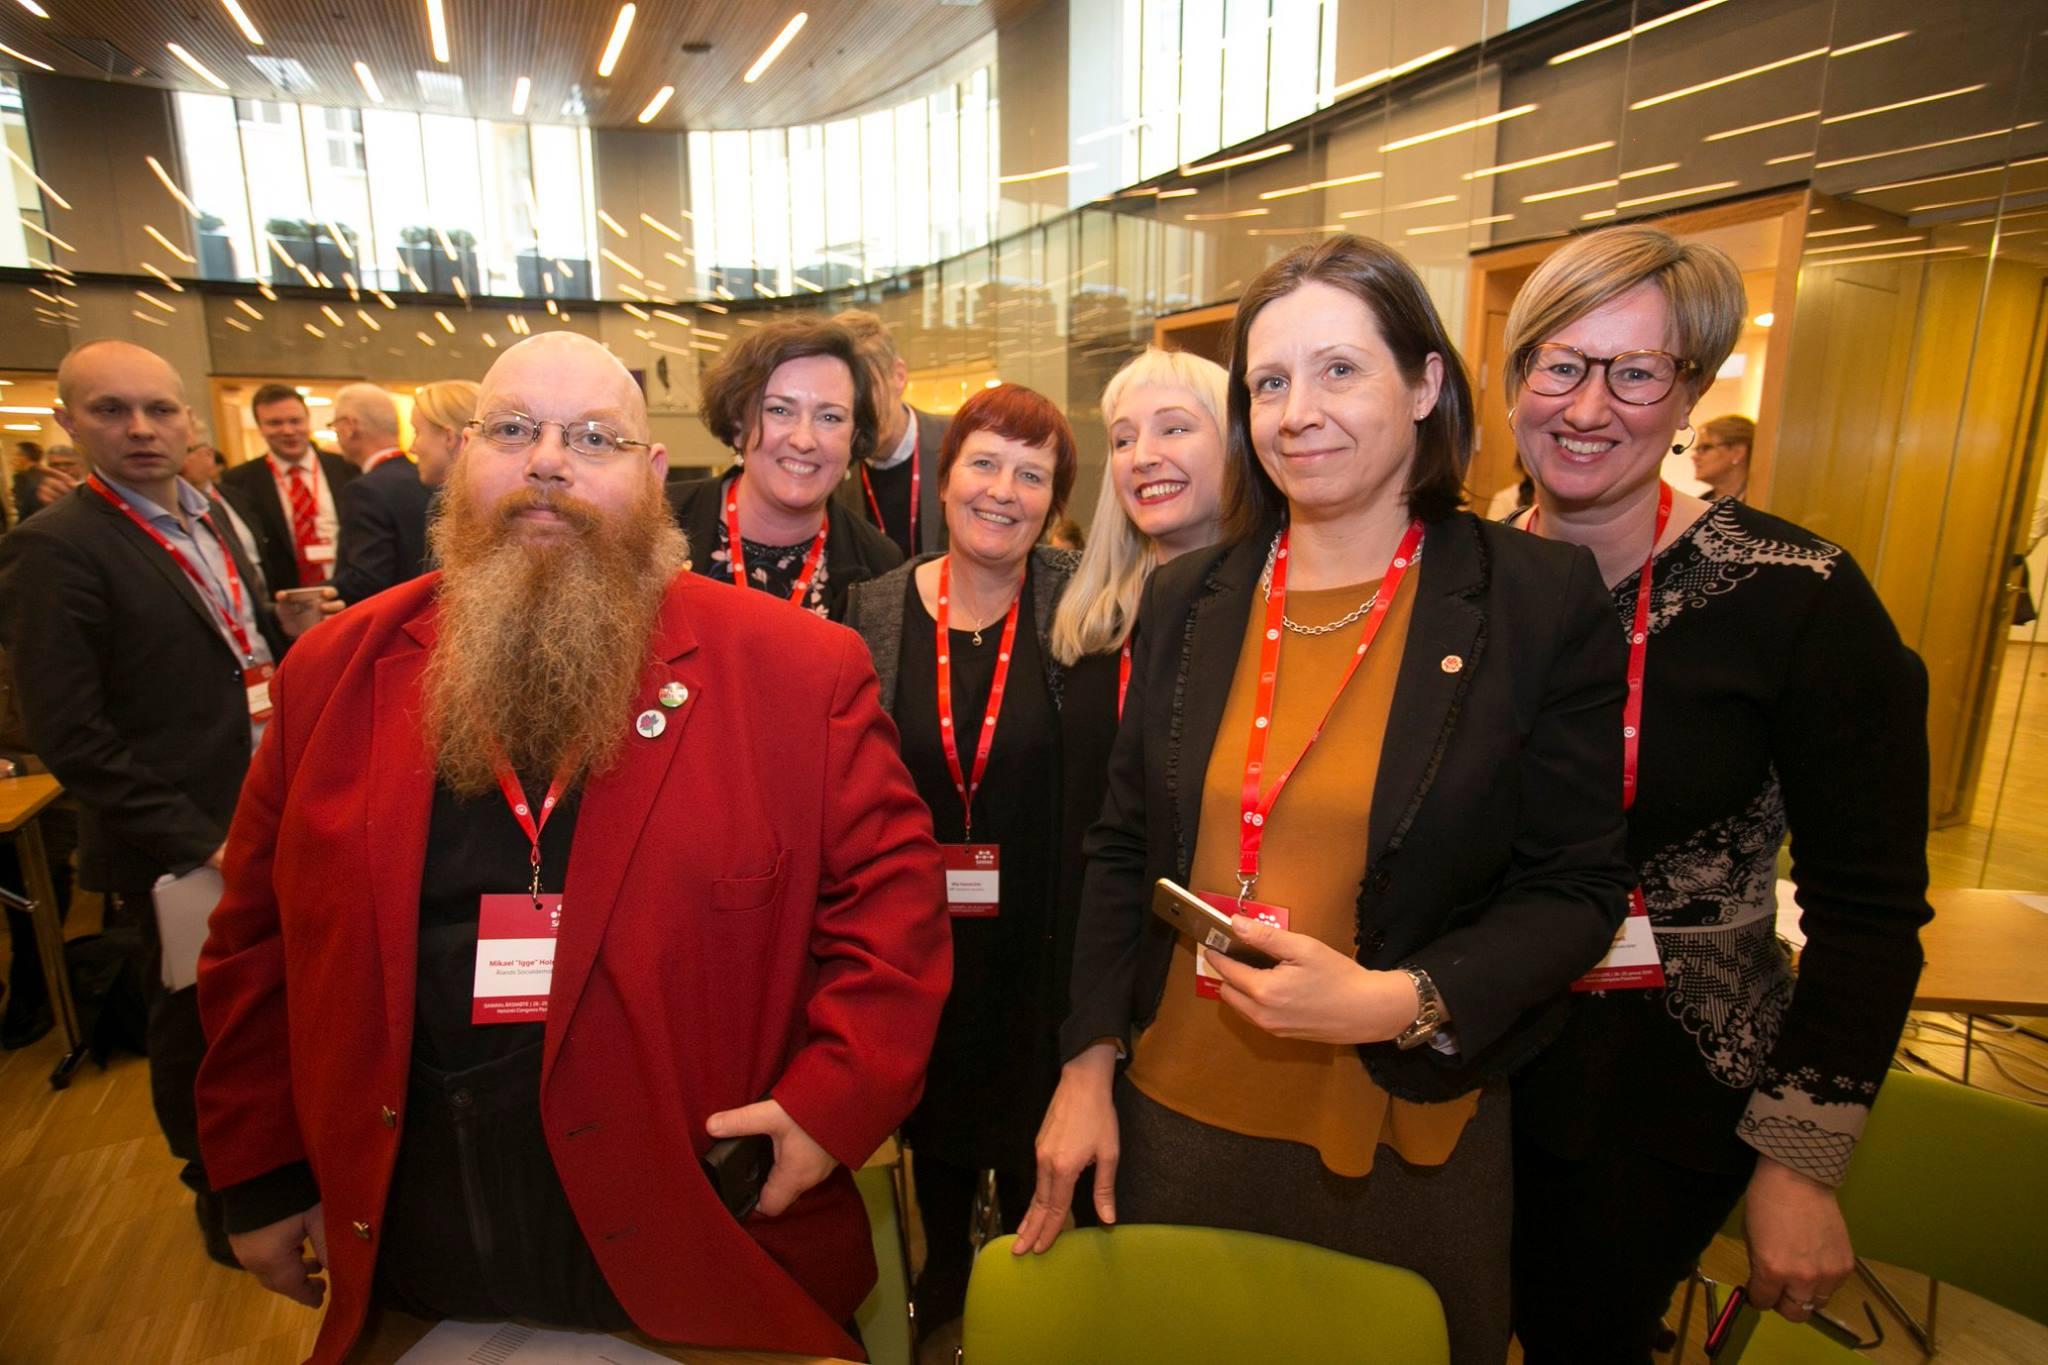 Ålänningar samlade på SAMAK: (från vänster) Igge Holmberg, Sara Kemetter (Nordenskolan), Mia Hanström, Jessy Eckerman (Nordenskolan), Kristin Mattsson, Camilla Gunell från Ålands socialdemokrater. Källa: Pekka Sipola/SAMAK.